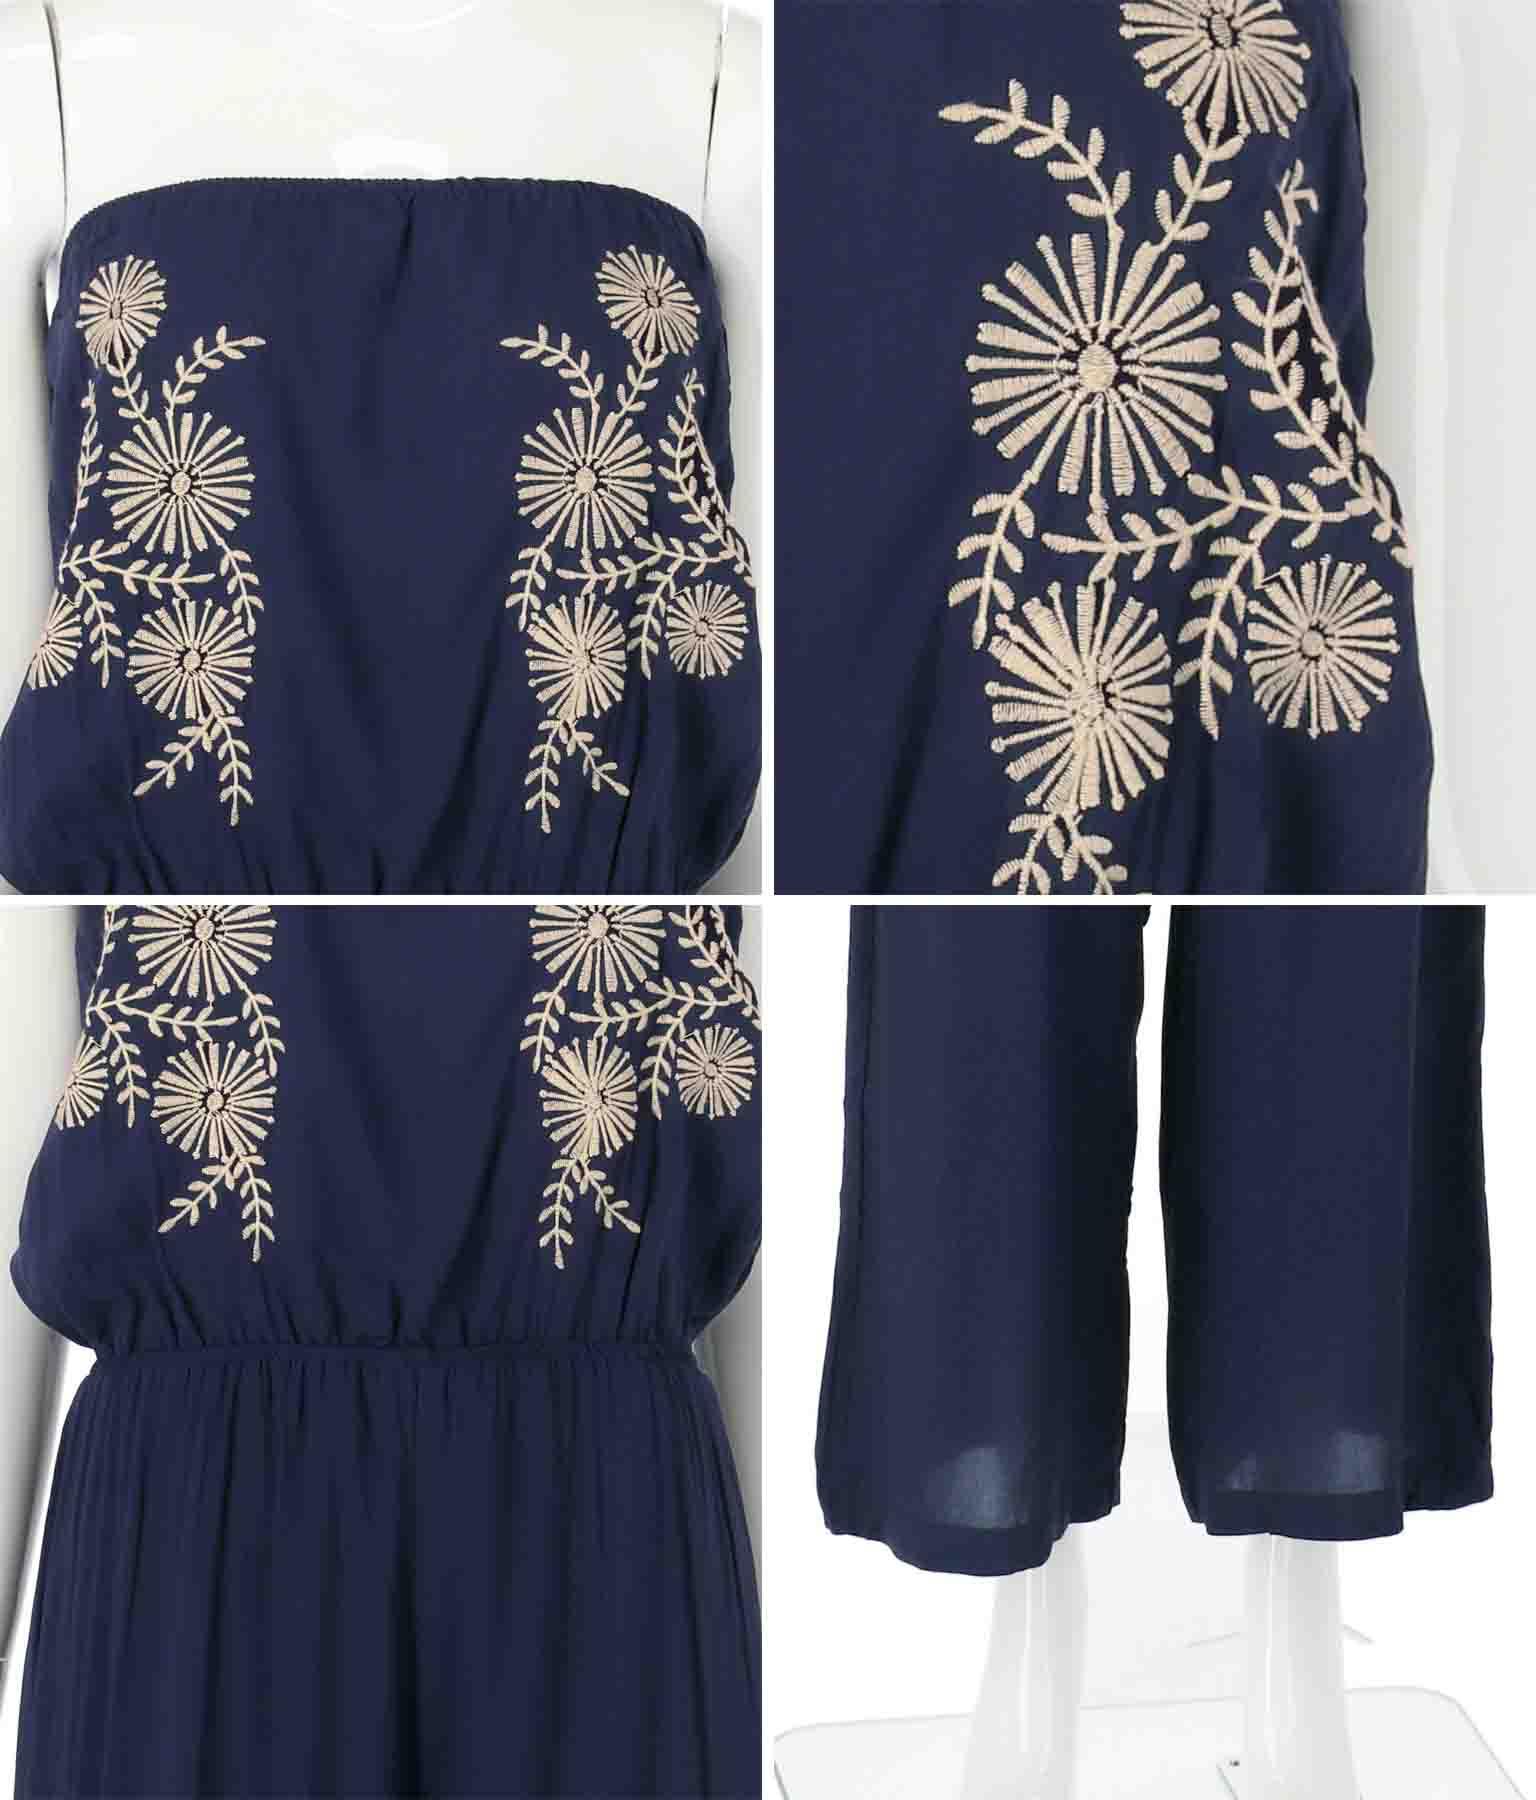 刺繍ベアサロペット(ワンピース・ドレス/サロペット/オールインワン)   anap mimpi